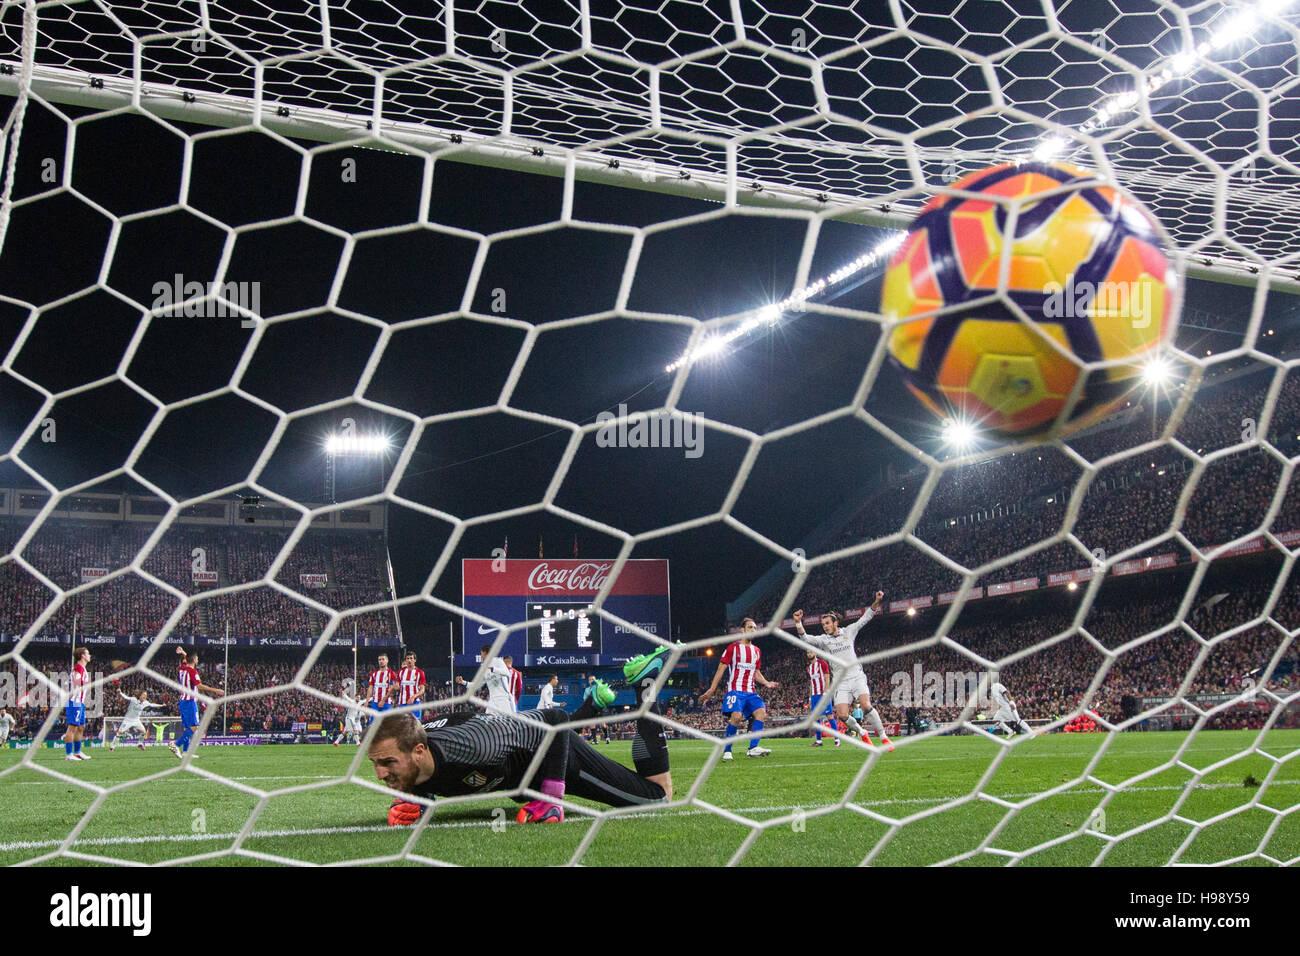 Madrid, Espagne. 19 Nov, 2016. Portugais du Real Madrid Cristiano Ronaldo avant marqué un but au cours de l'espagnol Photo Stock